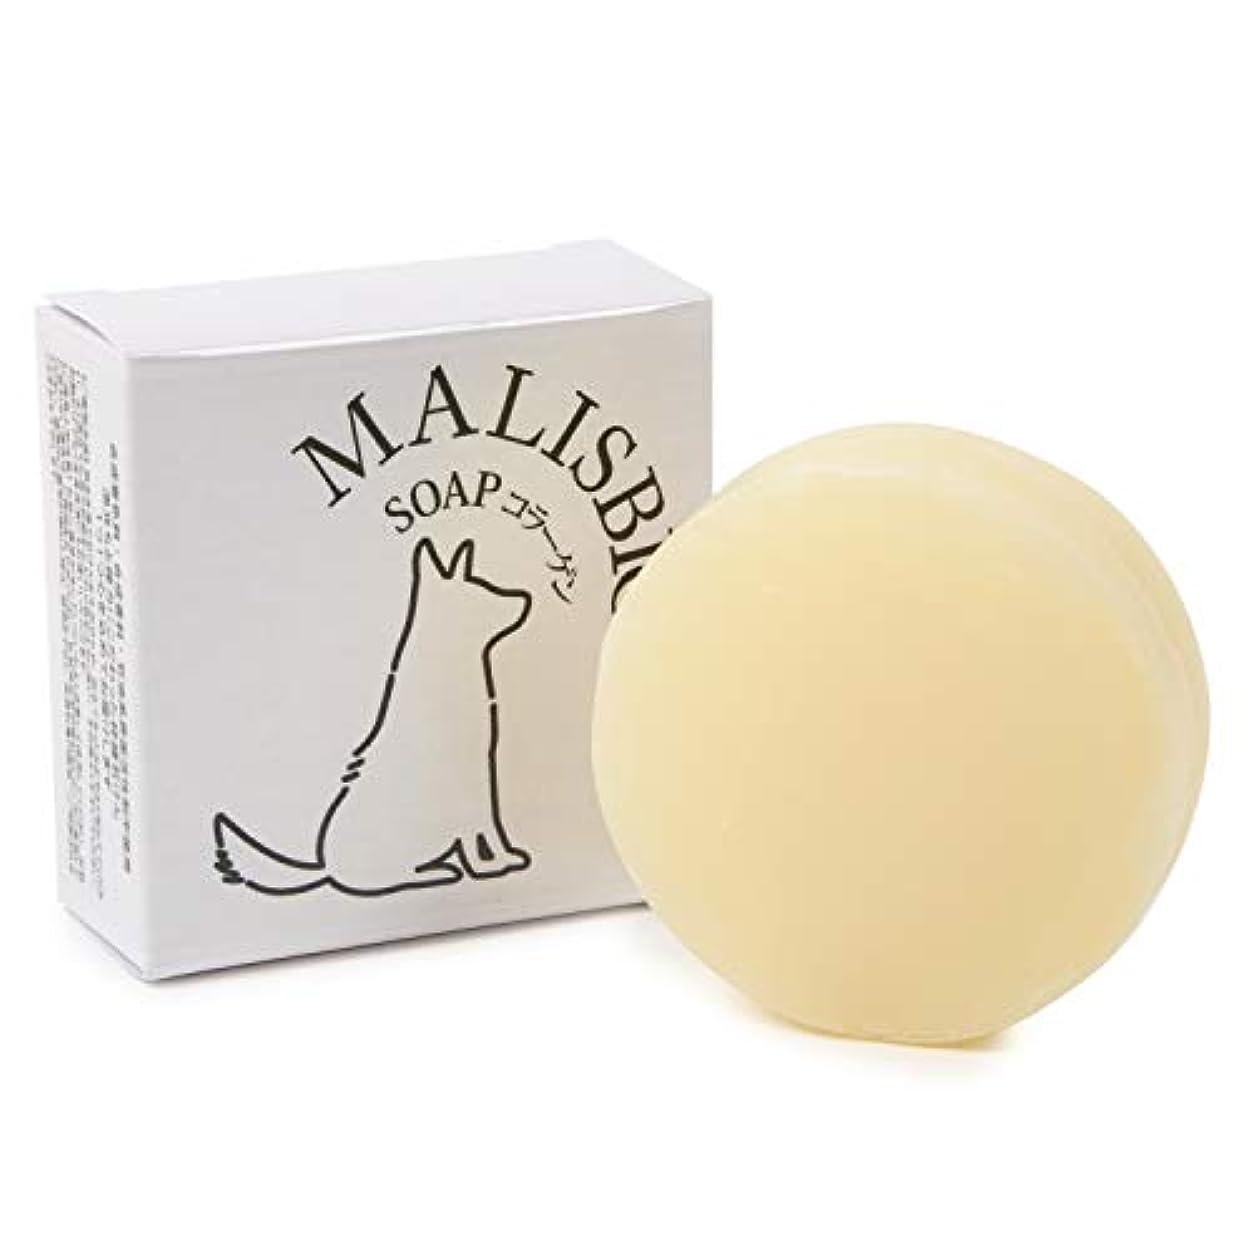 あそこ能力にじみ出るコラーゲンソープ 洗顔石鹸 固形 無添加 お肌に優しい成分のみ 敏感肌 毛穴にも 日本製 マリスビオ